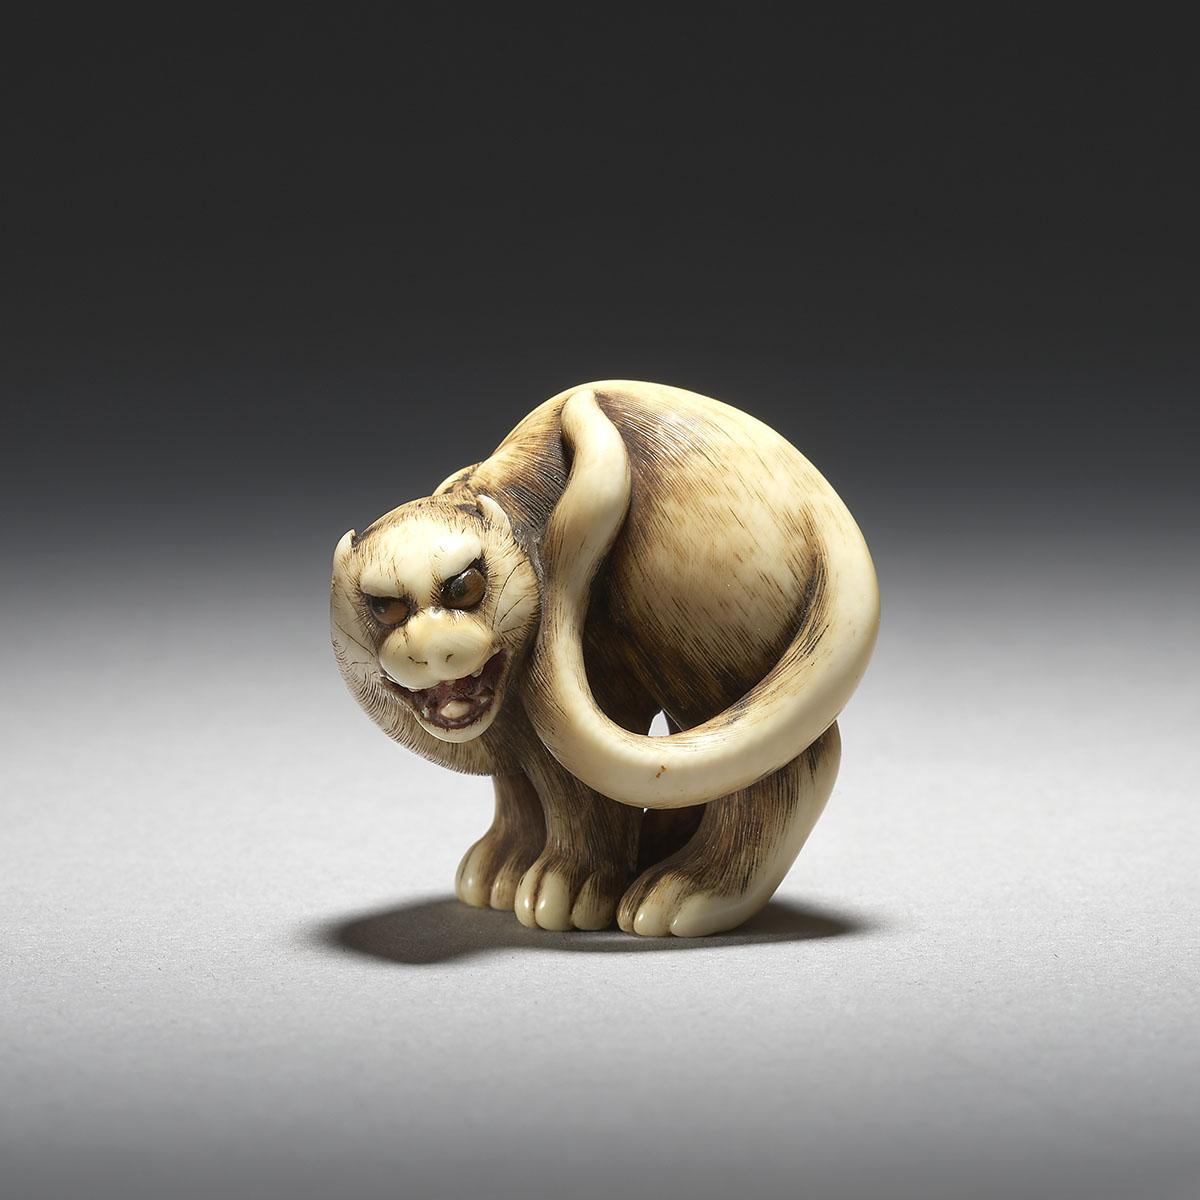 MR3677_v1 Otoman ivory tiger netsuke